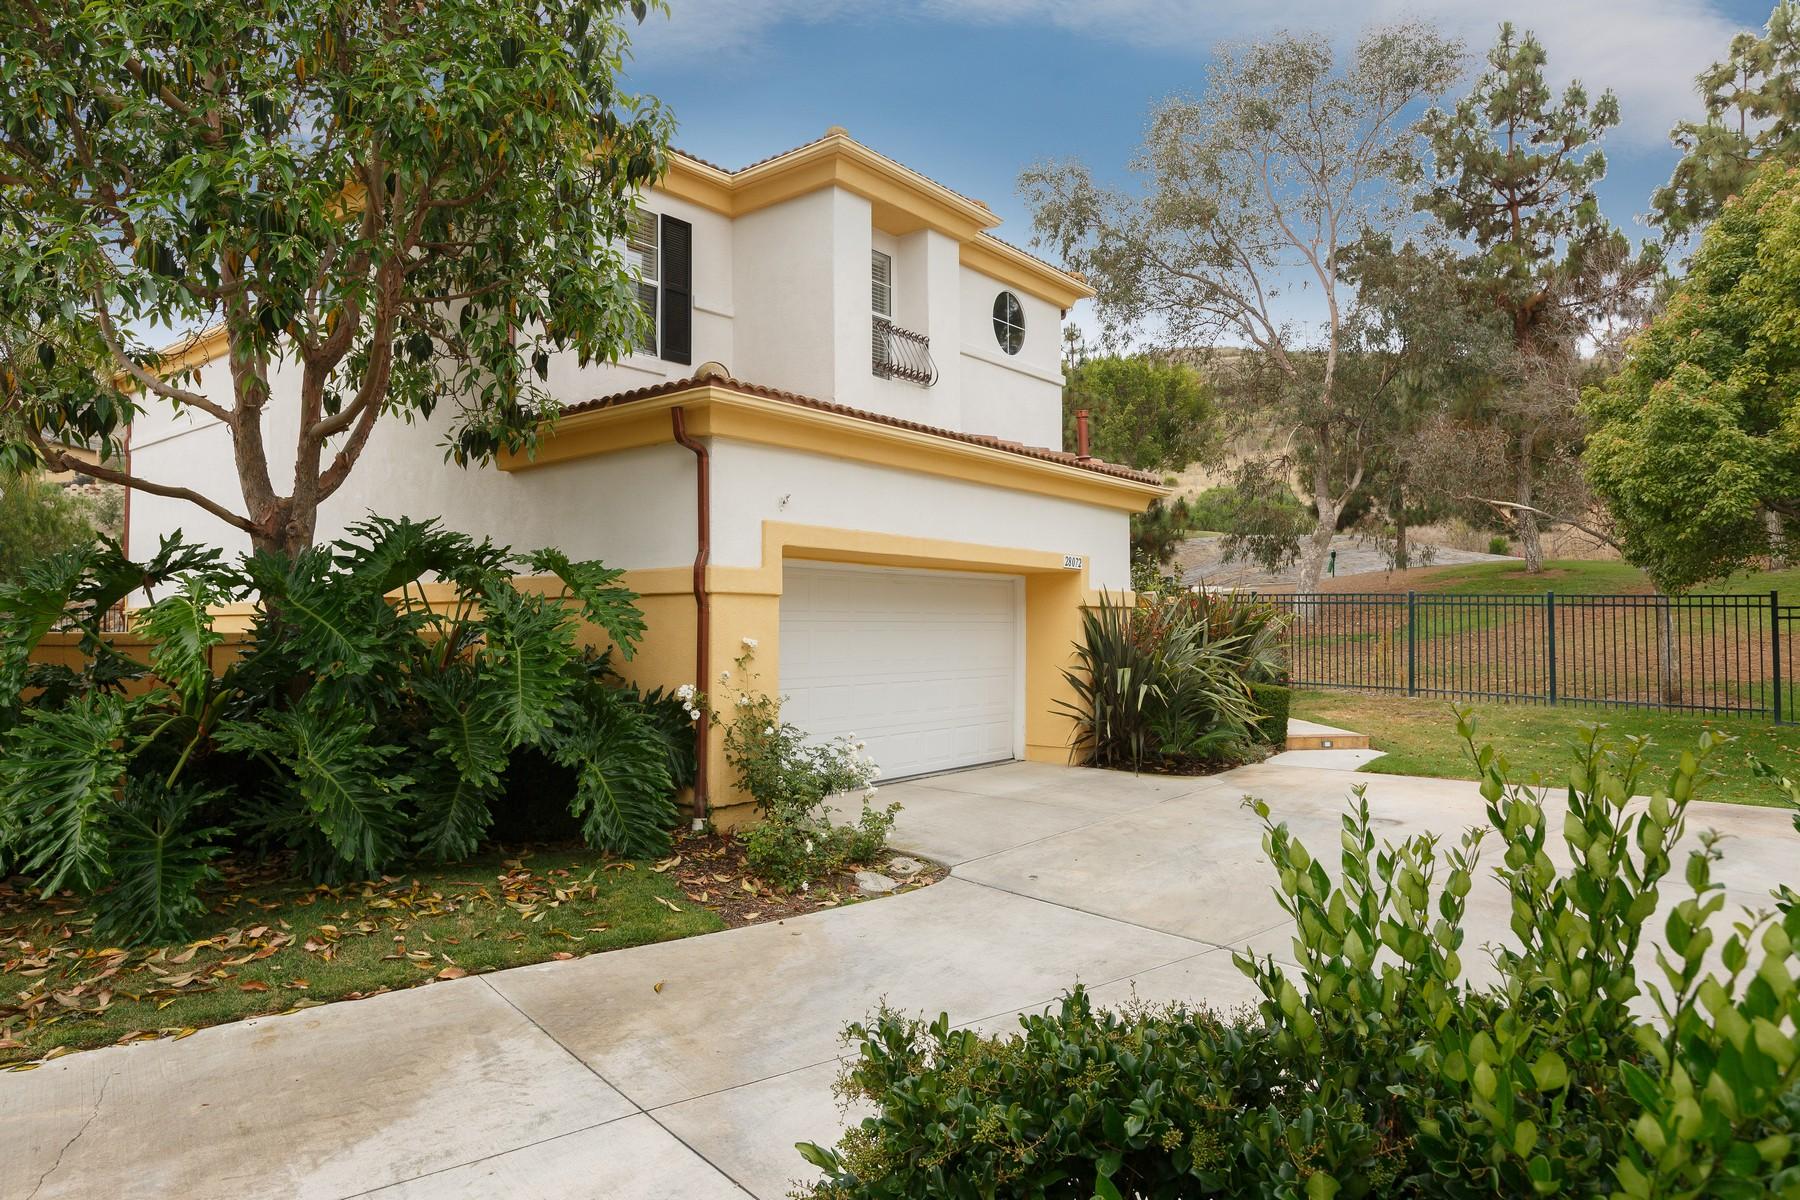 단독 가정 주택 용 매매 에 28072 Paseo Hacienda San Juan Capistrano, 캘리포니아 92675 미국